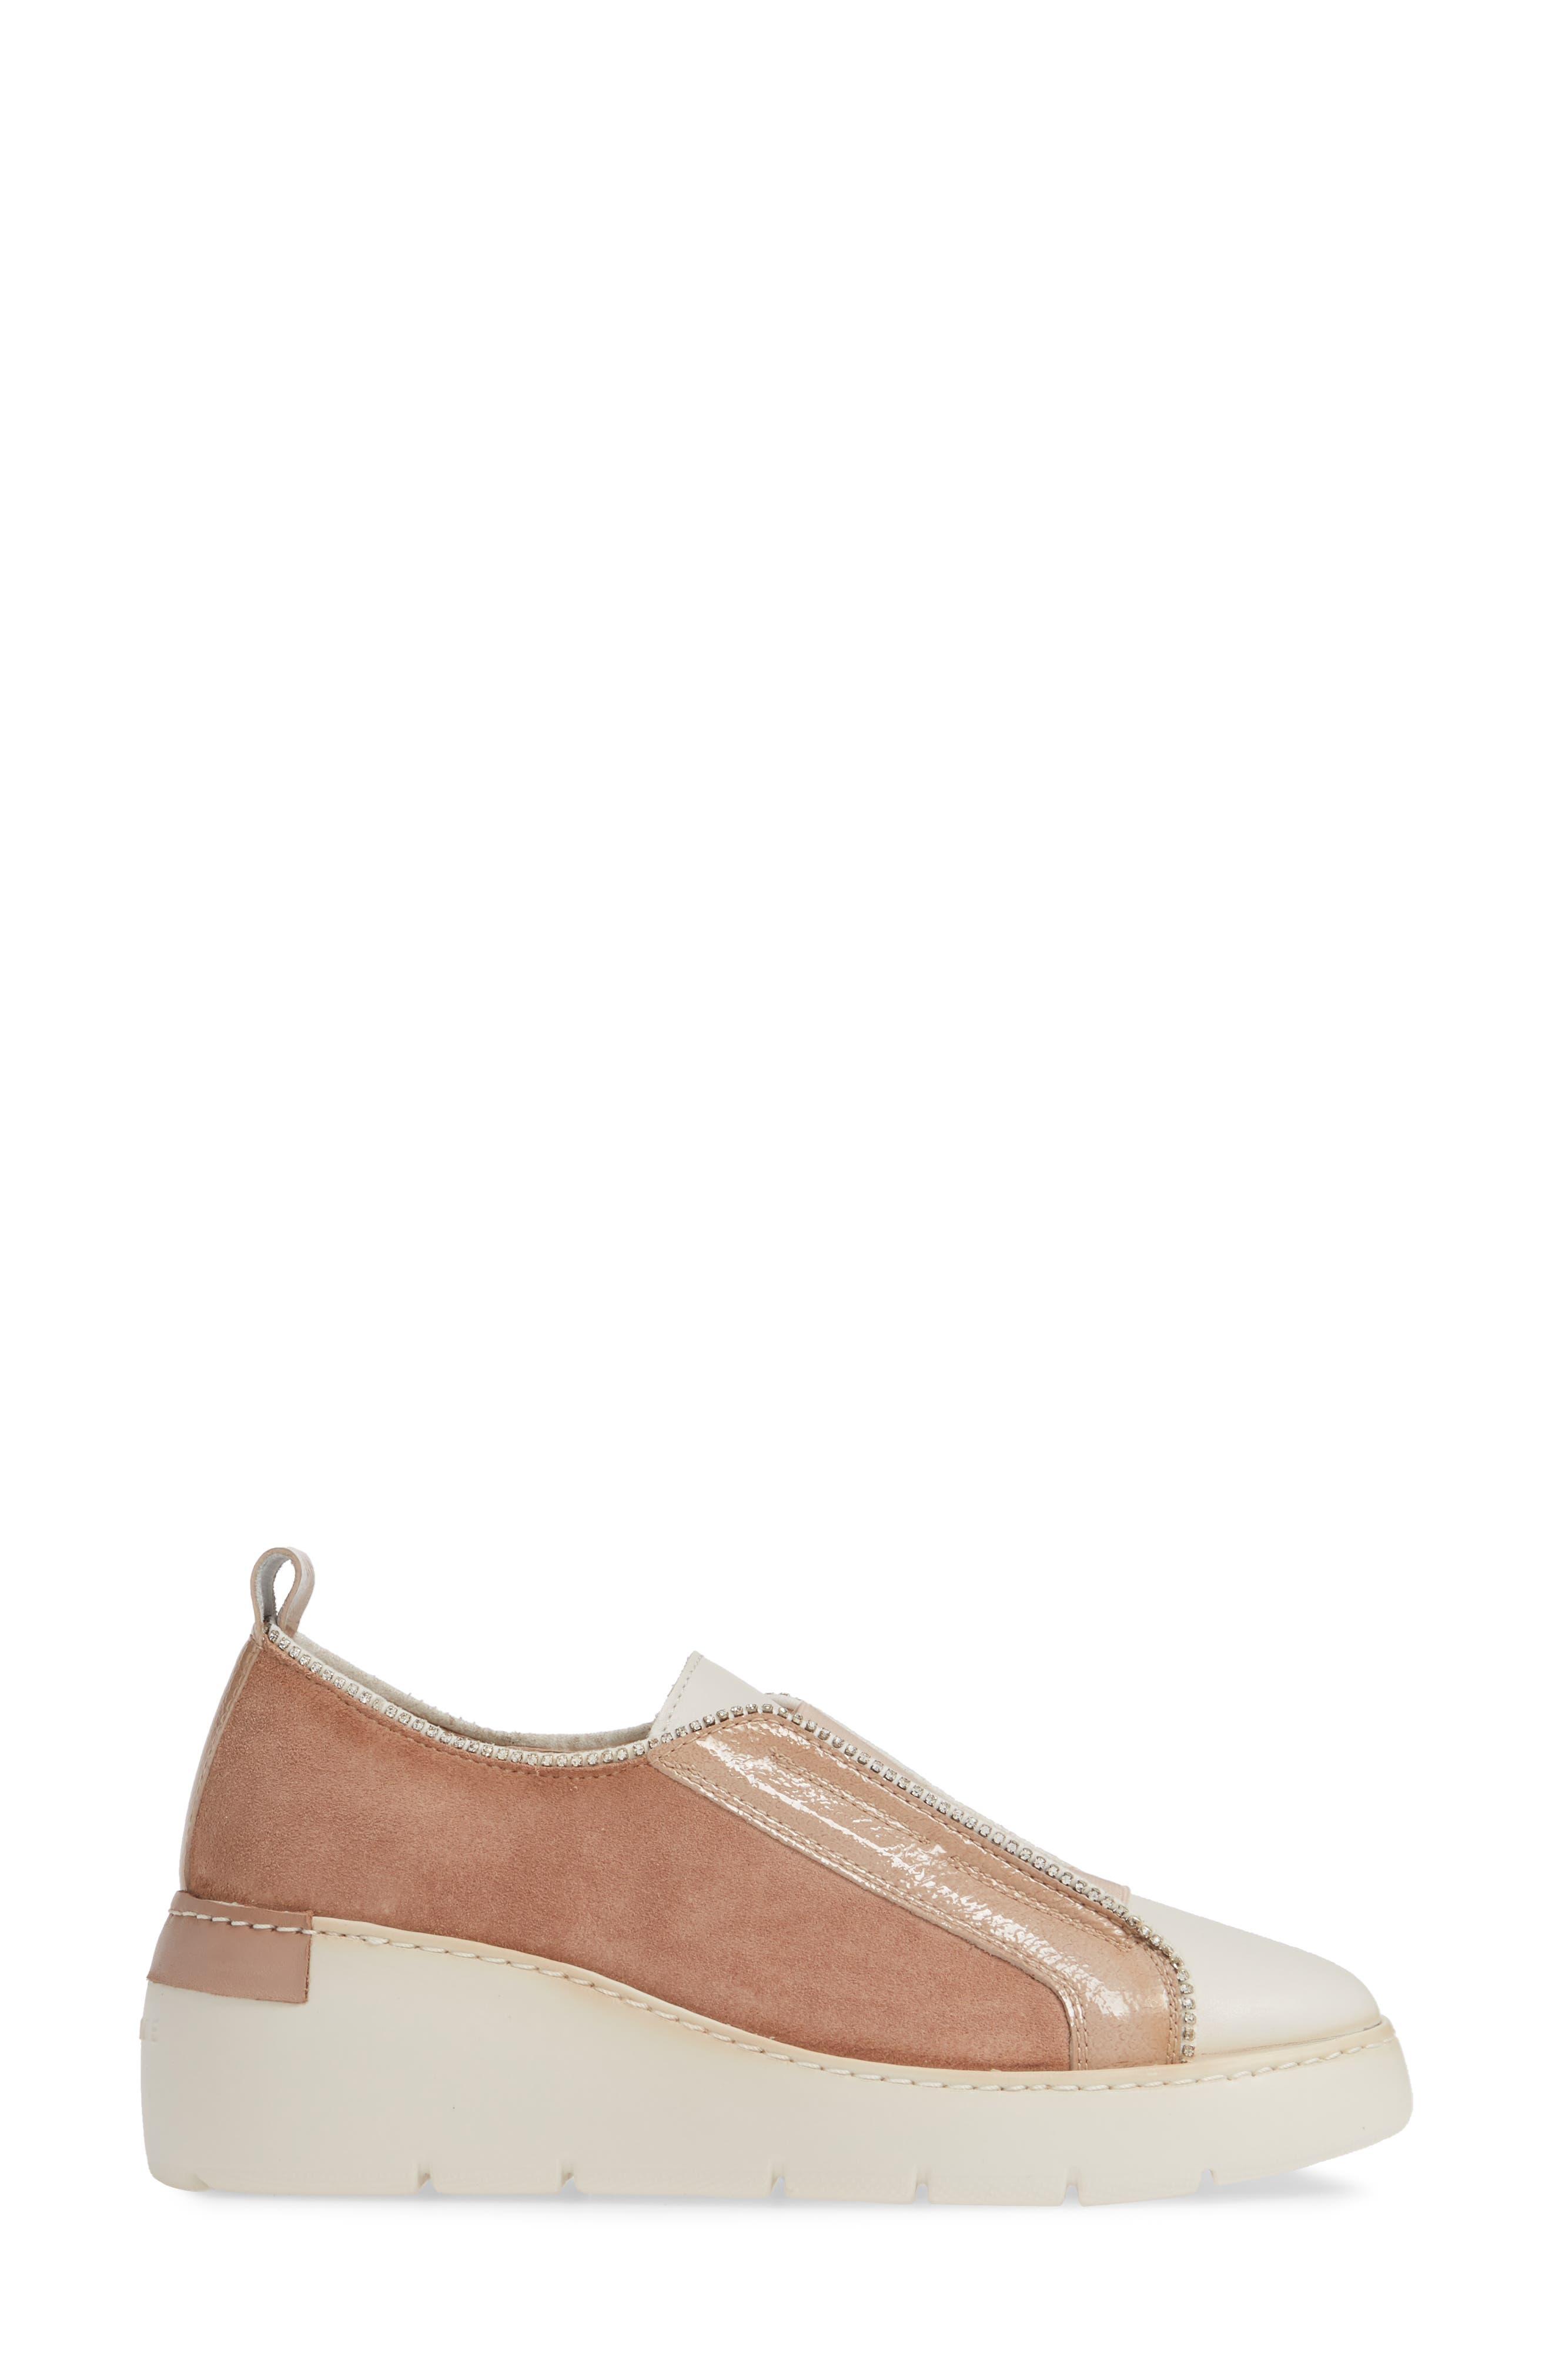 HISPANITAS, Benton Slip-On Wedge Sneaker, Alternate thumbnail 3, color, VELOUR FLESH LEATHER